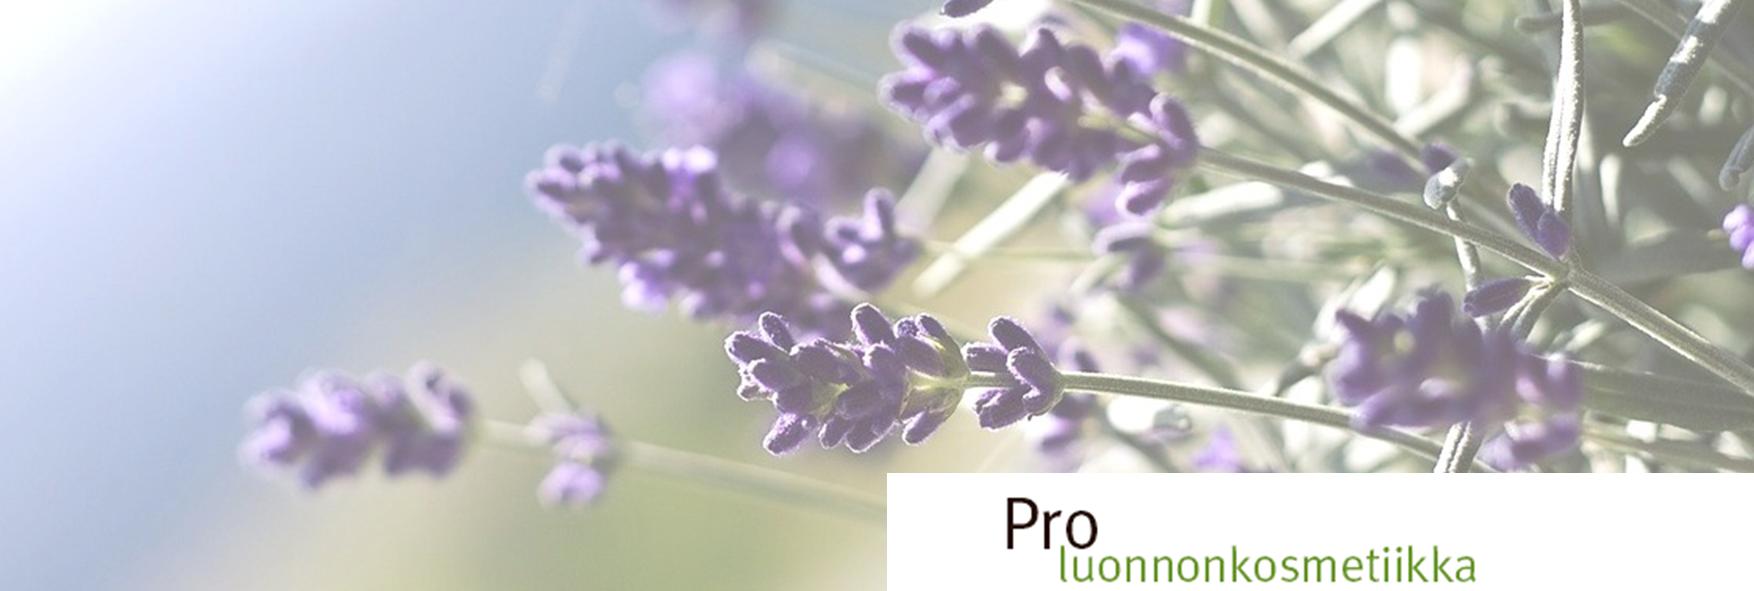 eeterlikud õlid, Aromatica-Wellness, UMG, Ulla-Maija Grace, aroomiteraapia, aroomiõlid, öko eeterlikud õlid